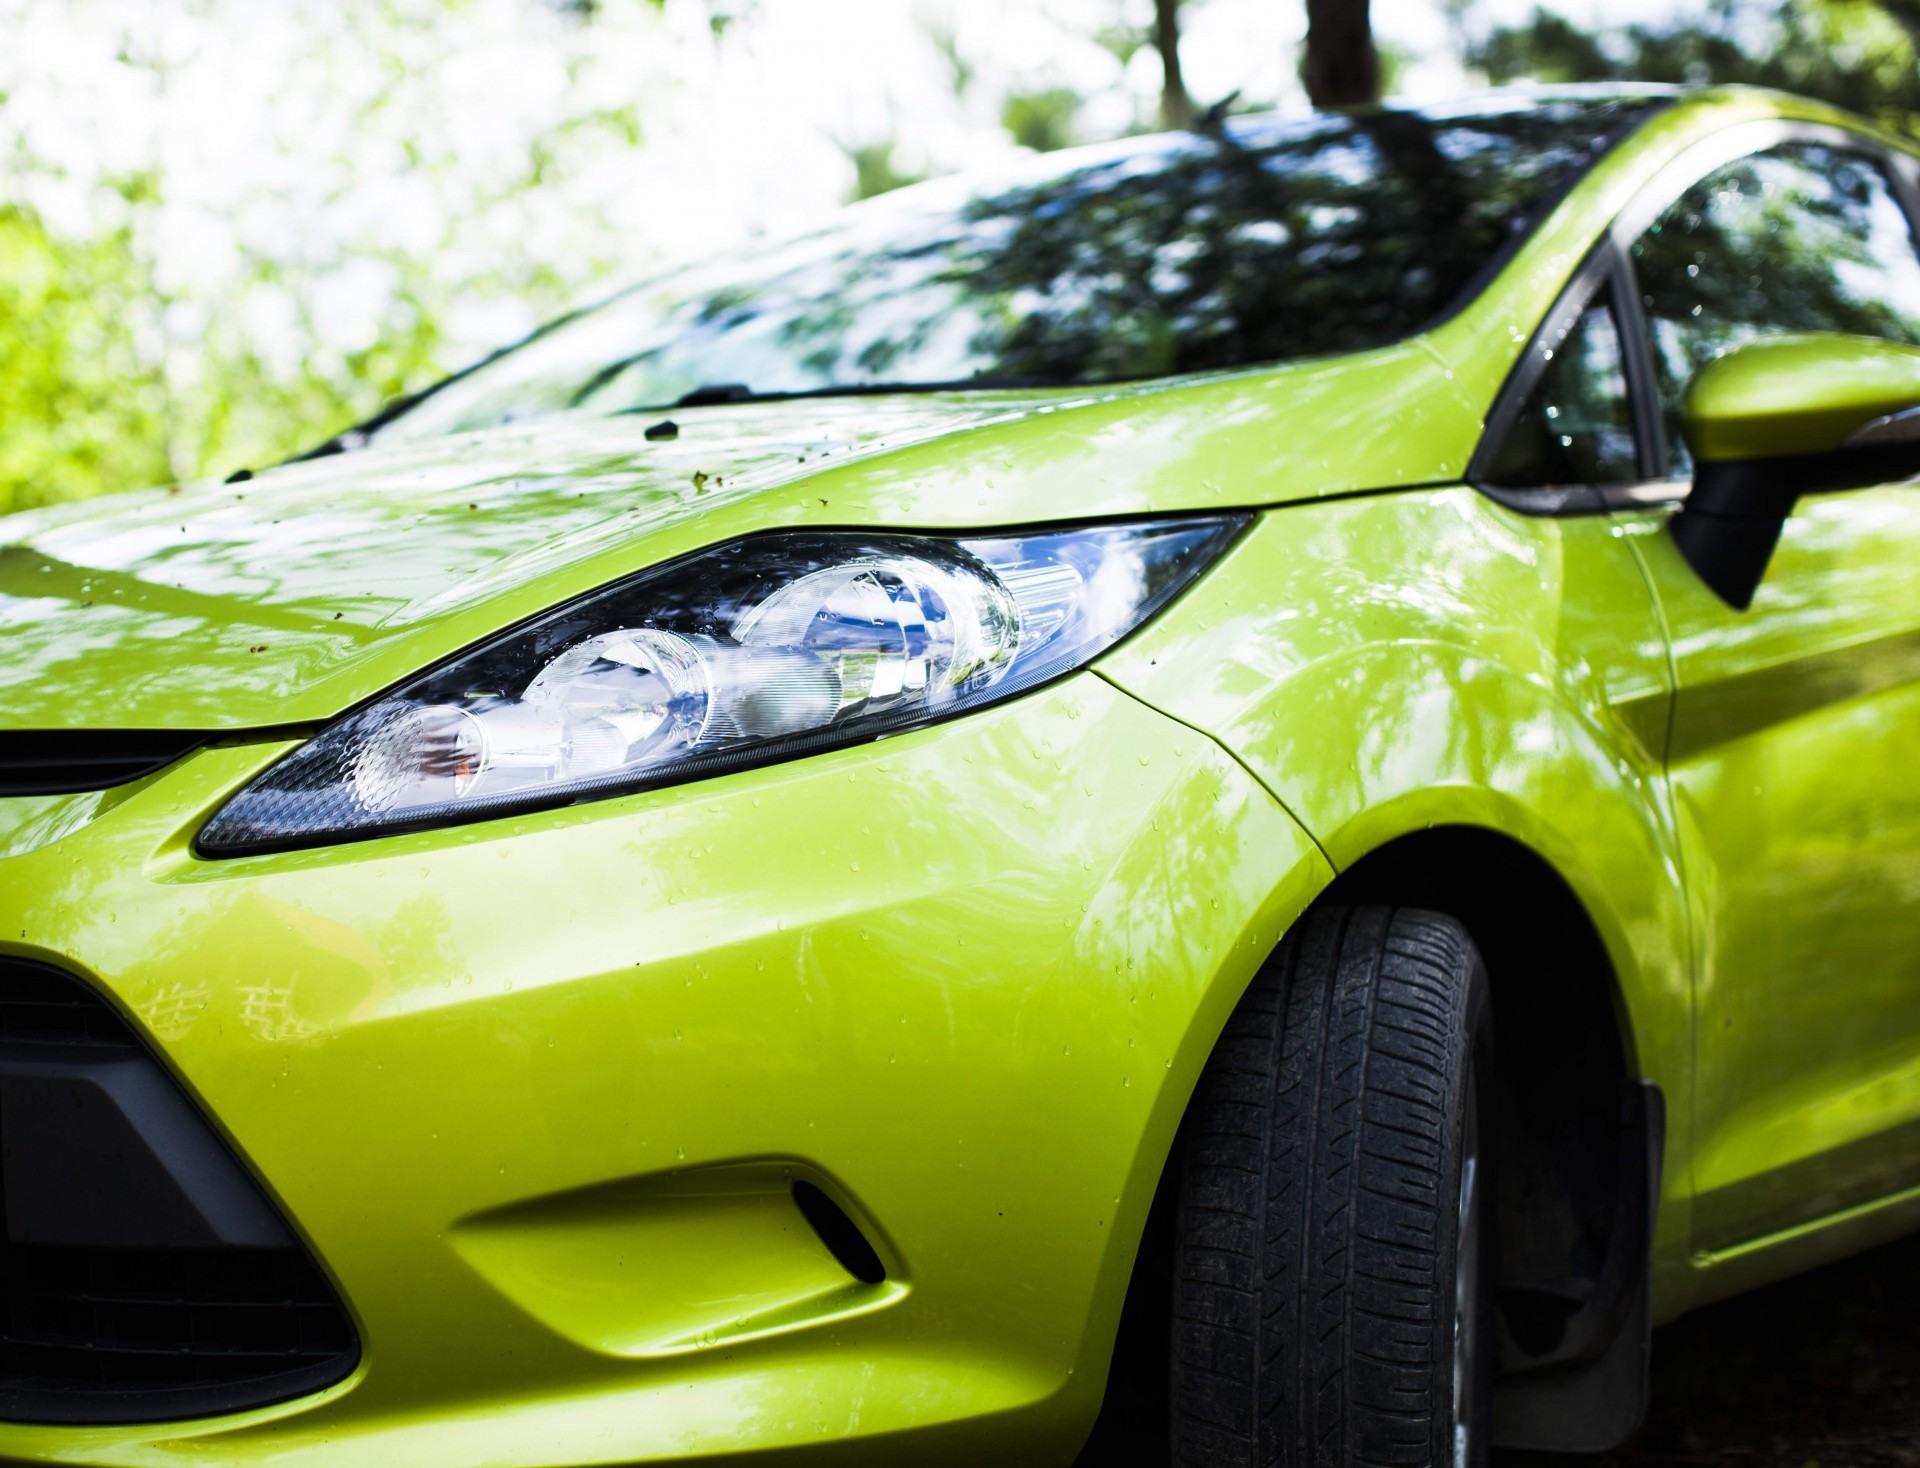 Przyszłość oświetlenia samochodowego – LED-y i światła laserowe